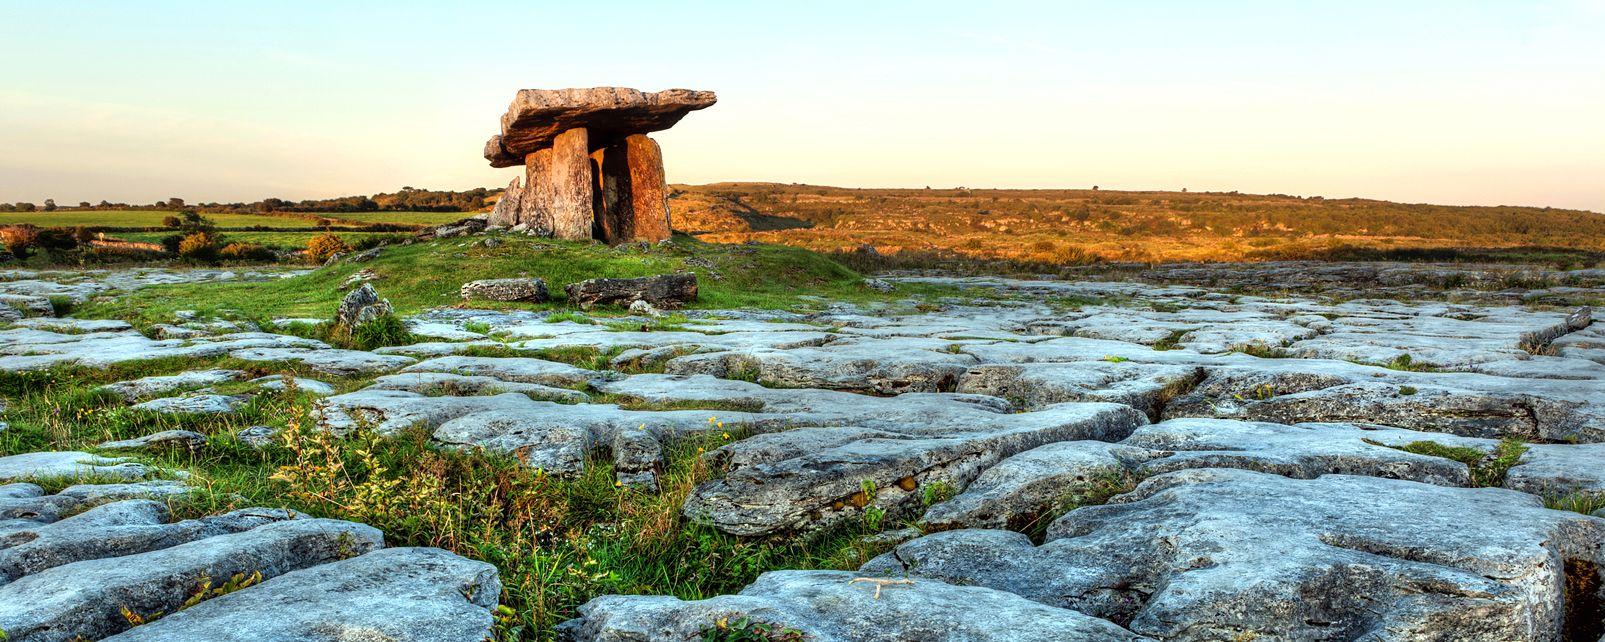 Das Kalksteingebiet Burren, Das Kalksteingebiet von Burren, Die Landschaften, Irland